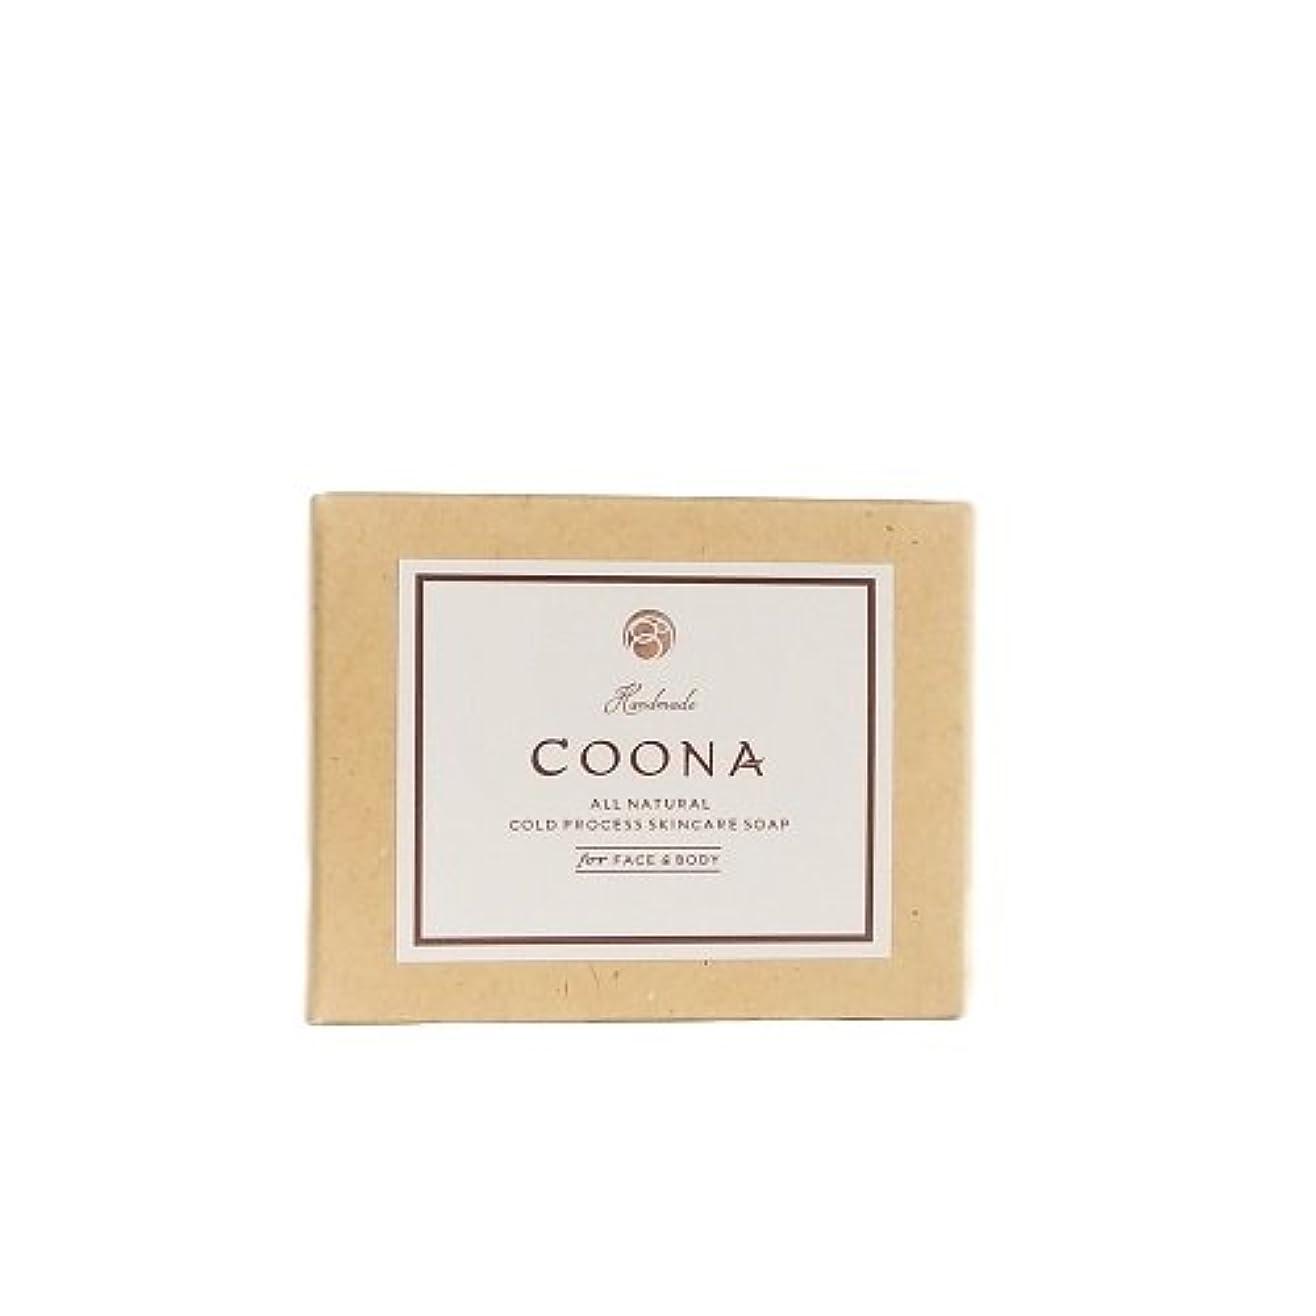 フルーティー柱取る洗顔石鹸 COONA アボカド 石けん イランイラン&ラベンダー (天然素材 自然派 コールドプロセス 手作りせっけん)